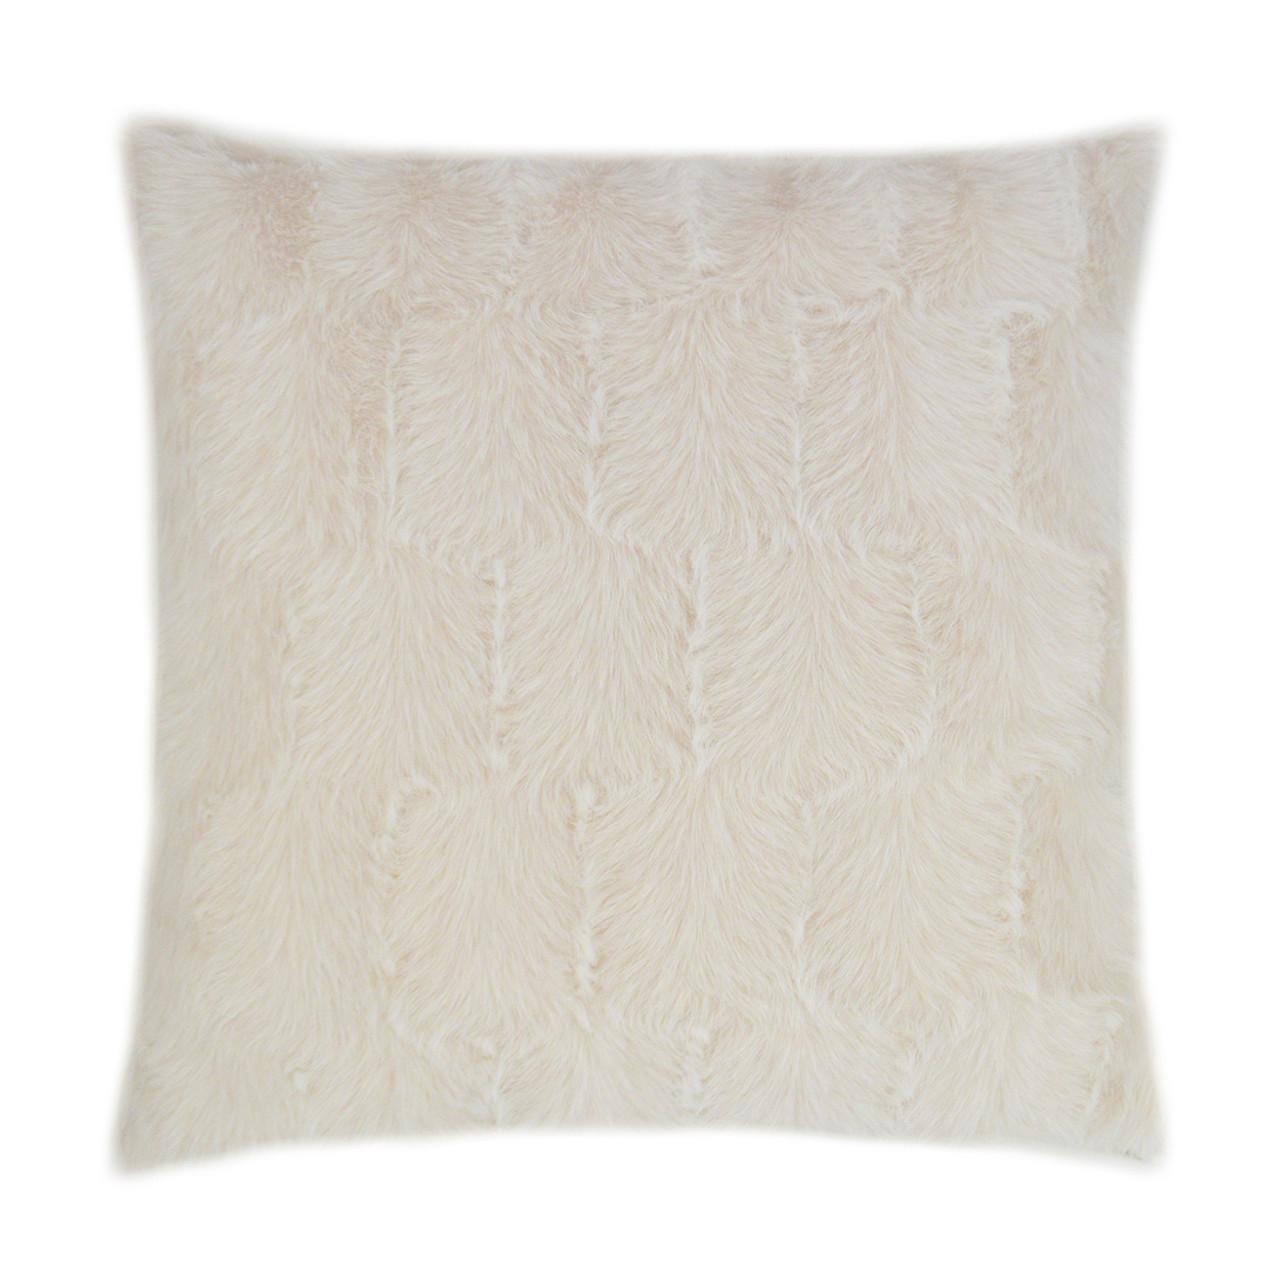 Ermelo Faux Fur Throw Pillow - Opal